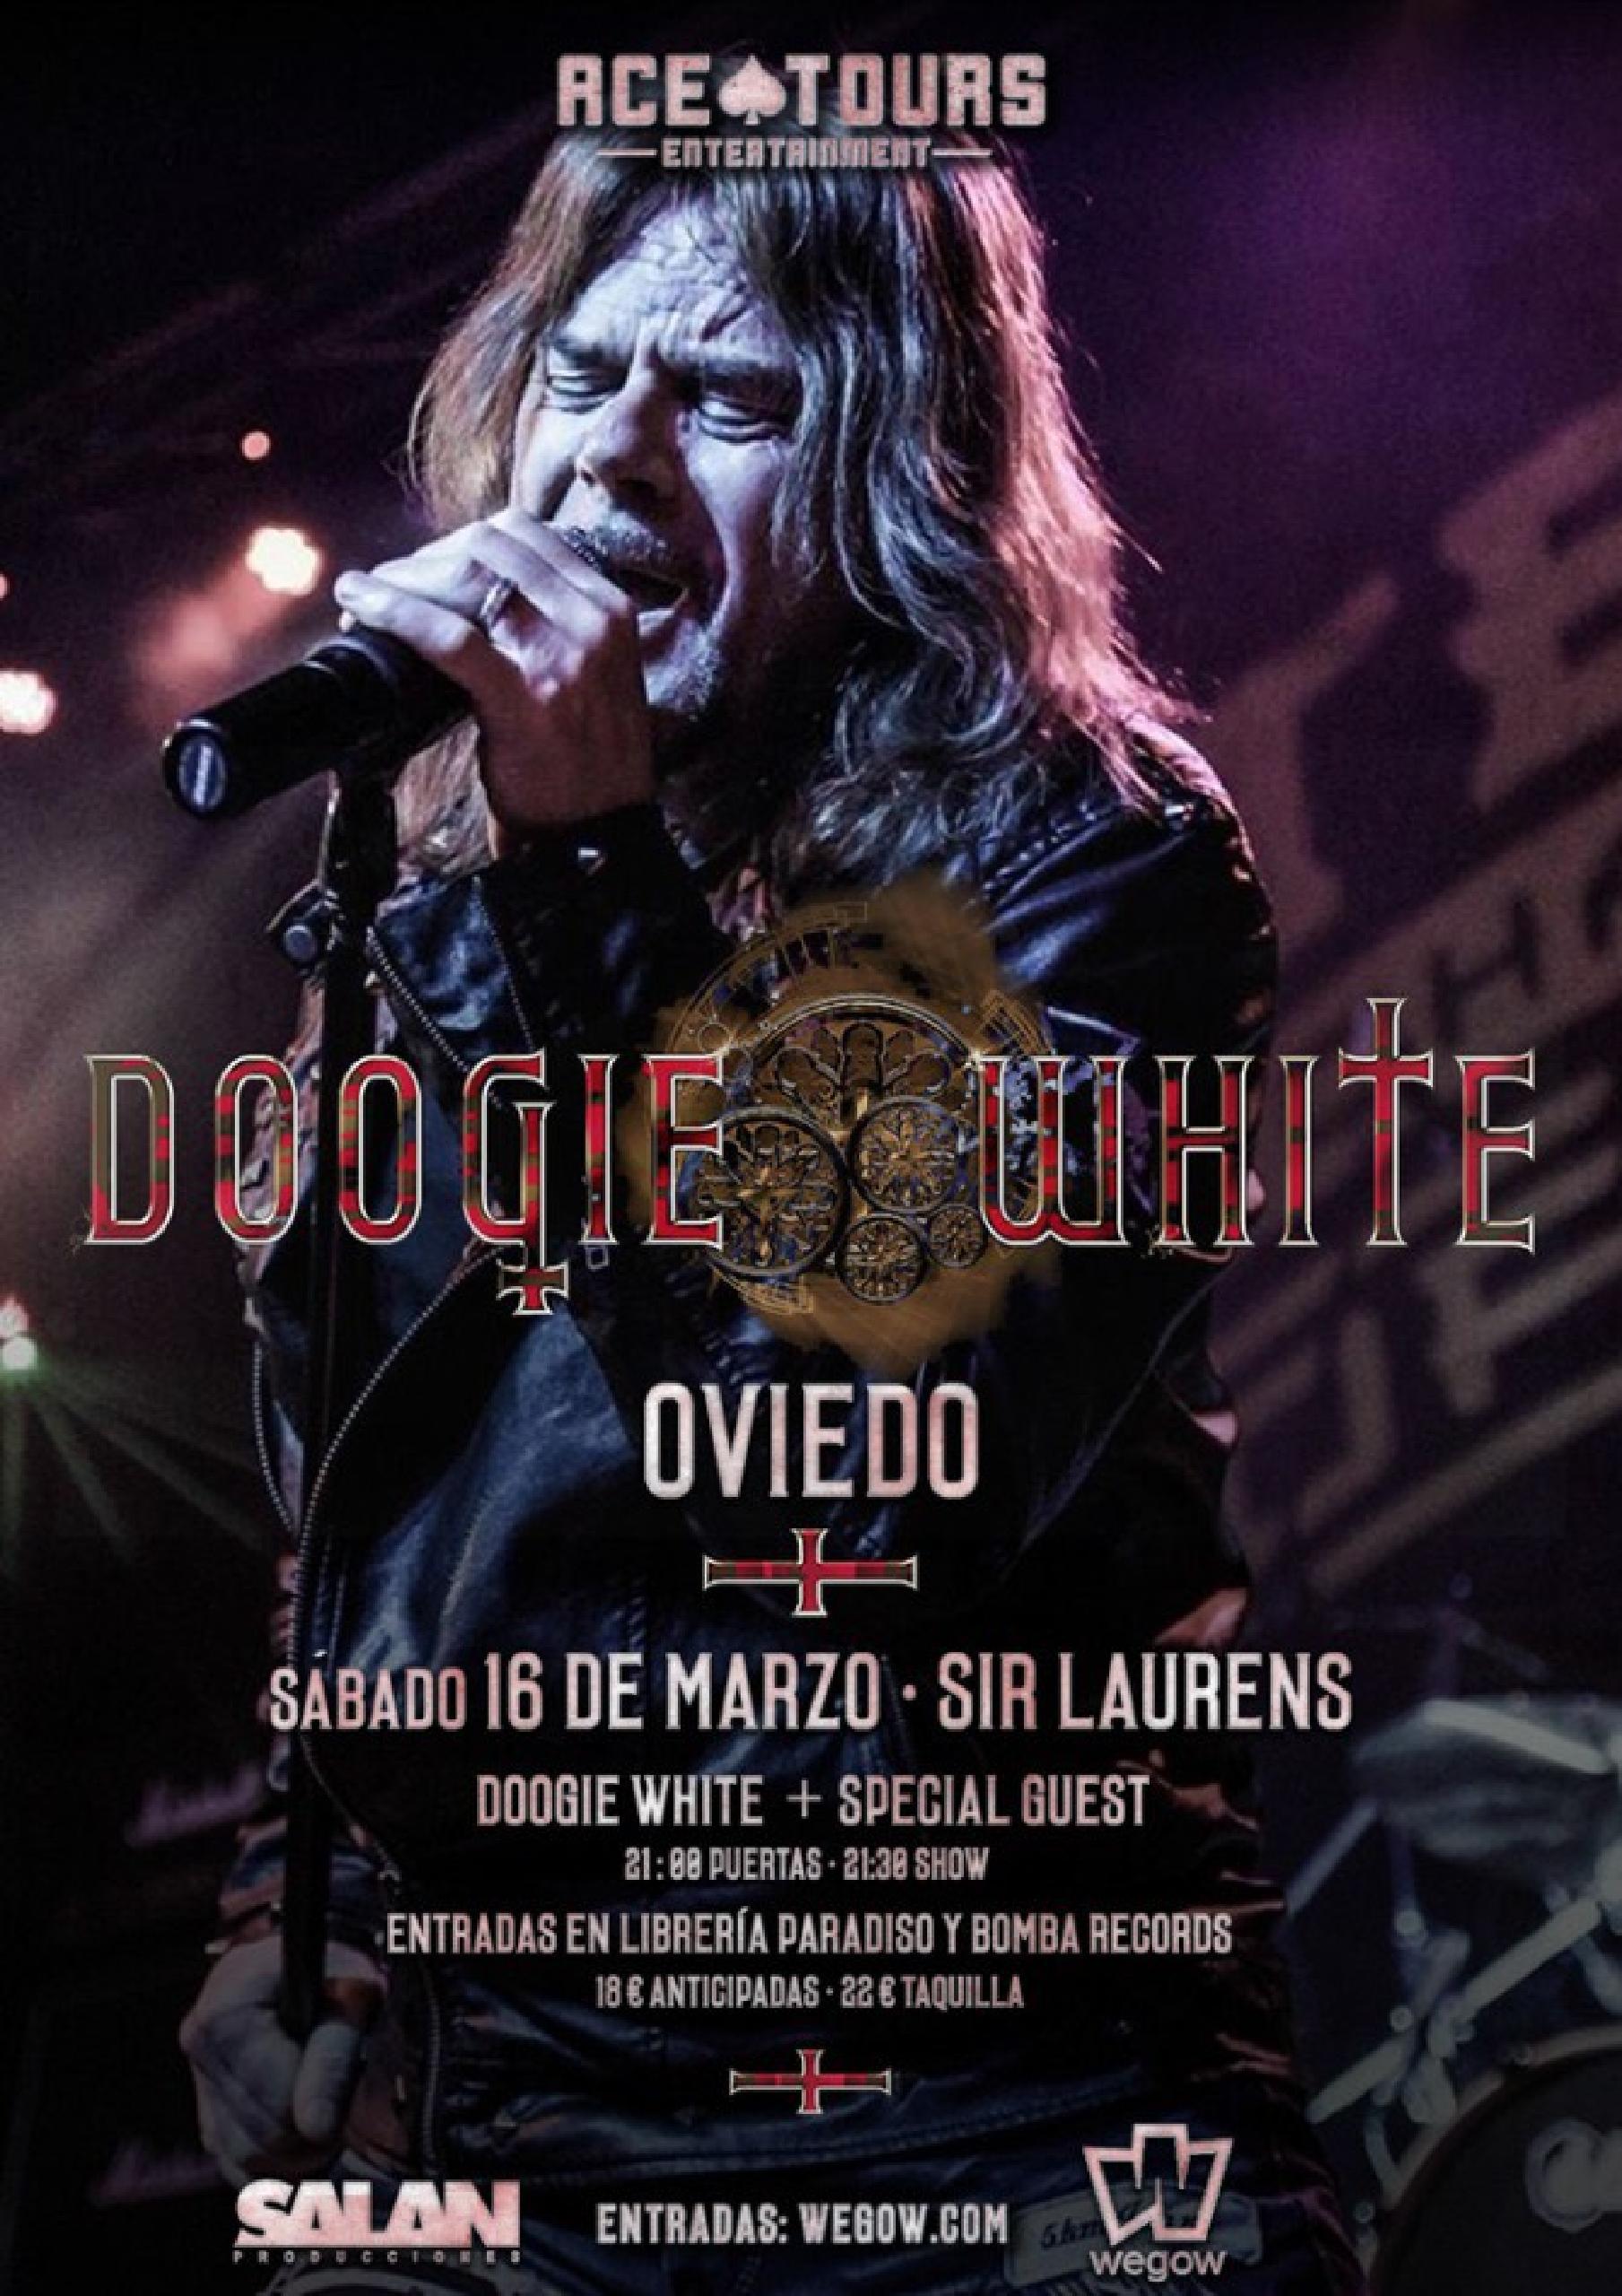 Concierto de Doogie White en Oviedo